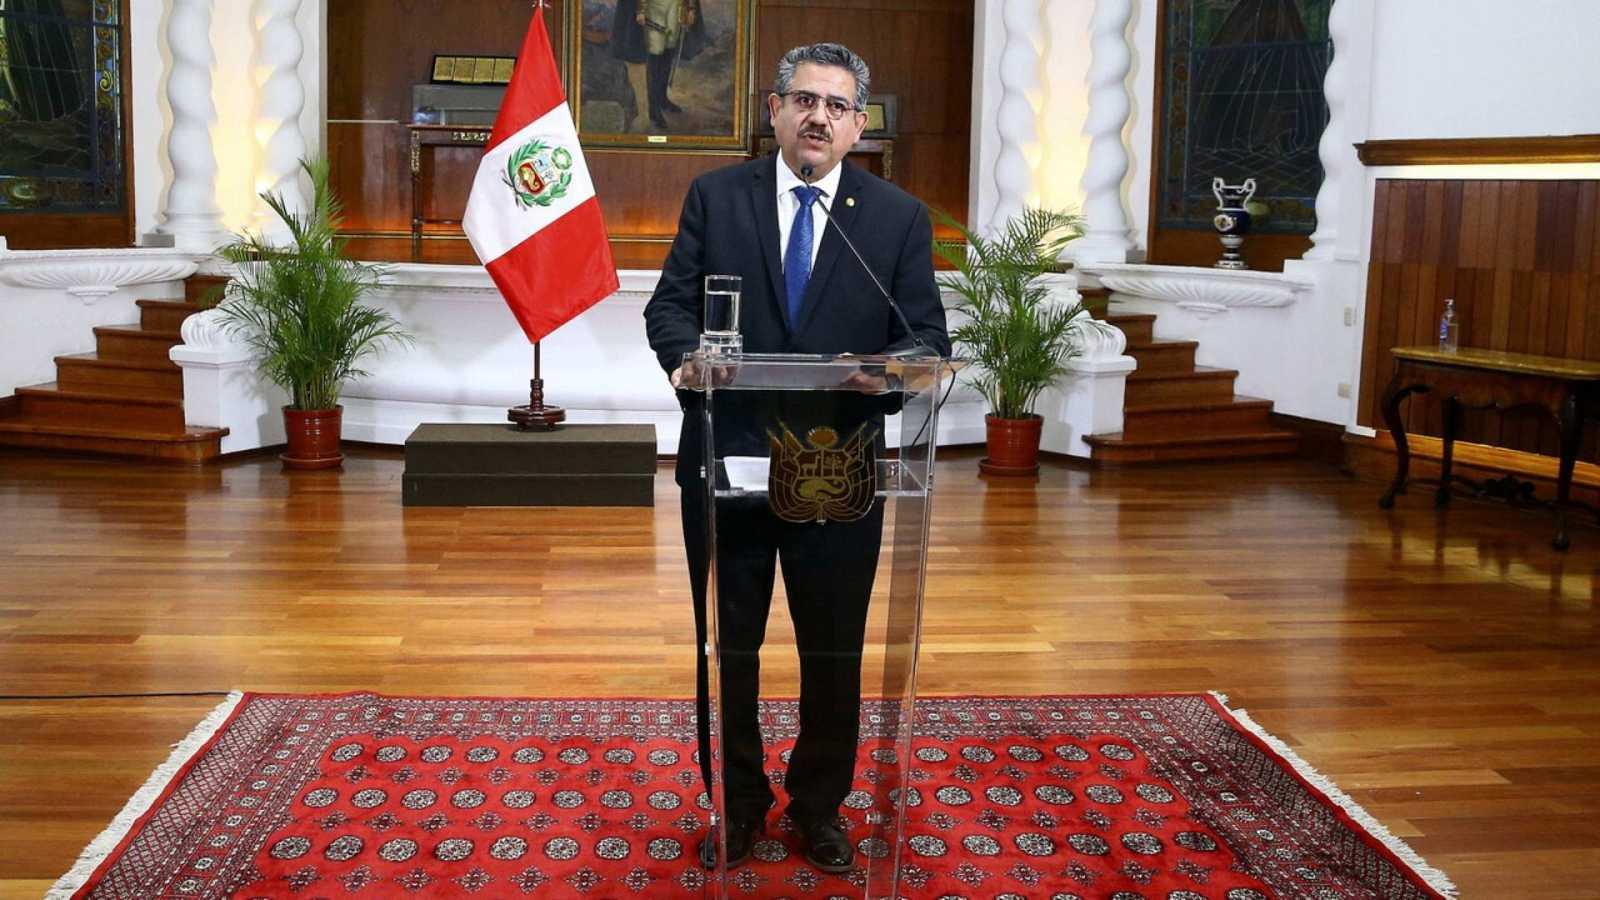 20 horas informativos Fin de Semana - Manuel Merino renuncia como presidente de Perú, en medio de protetas callejeras con dos muertos - Escuchar ahora